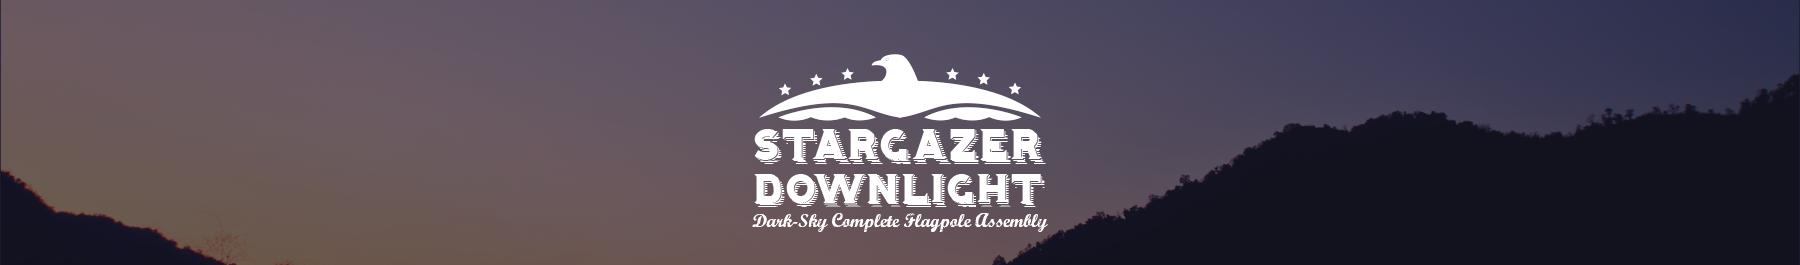 stargazer-title.png